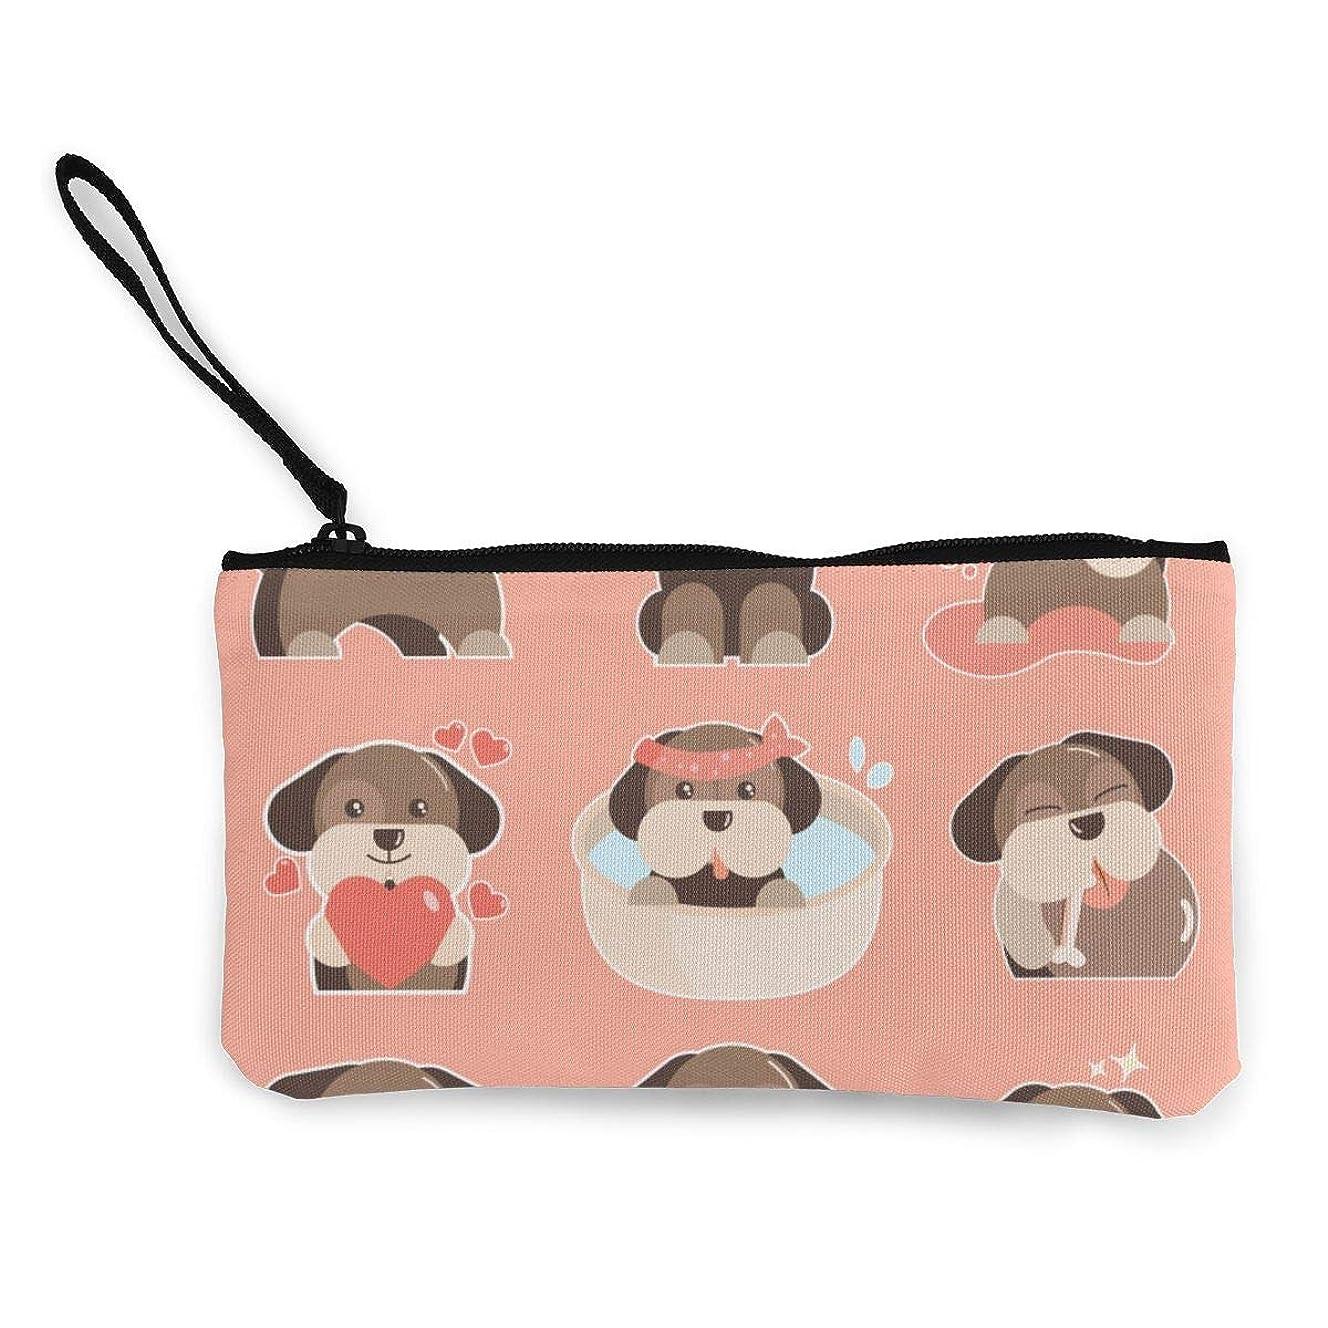 メルボルン対象明るいErmiCo レディース 小銭入れ キャンバス財布 ピンク背景犬 小遣い財布 財布 鍵 小物 充電器 収納 長財布 ファスナー付き 22×12cm